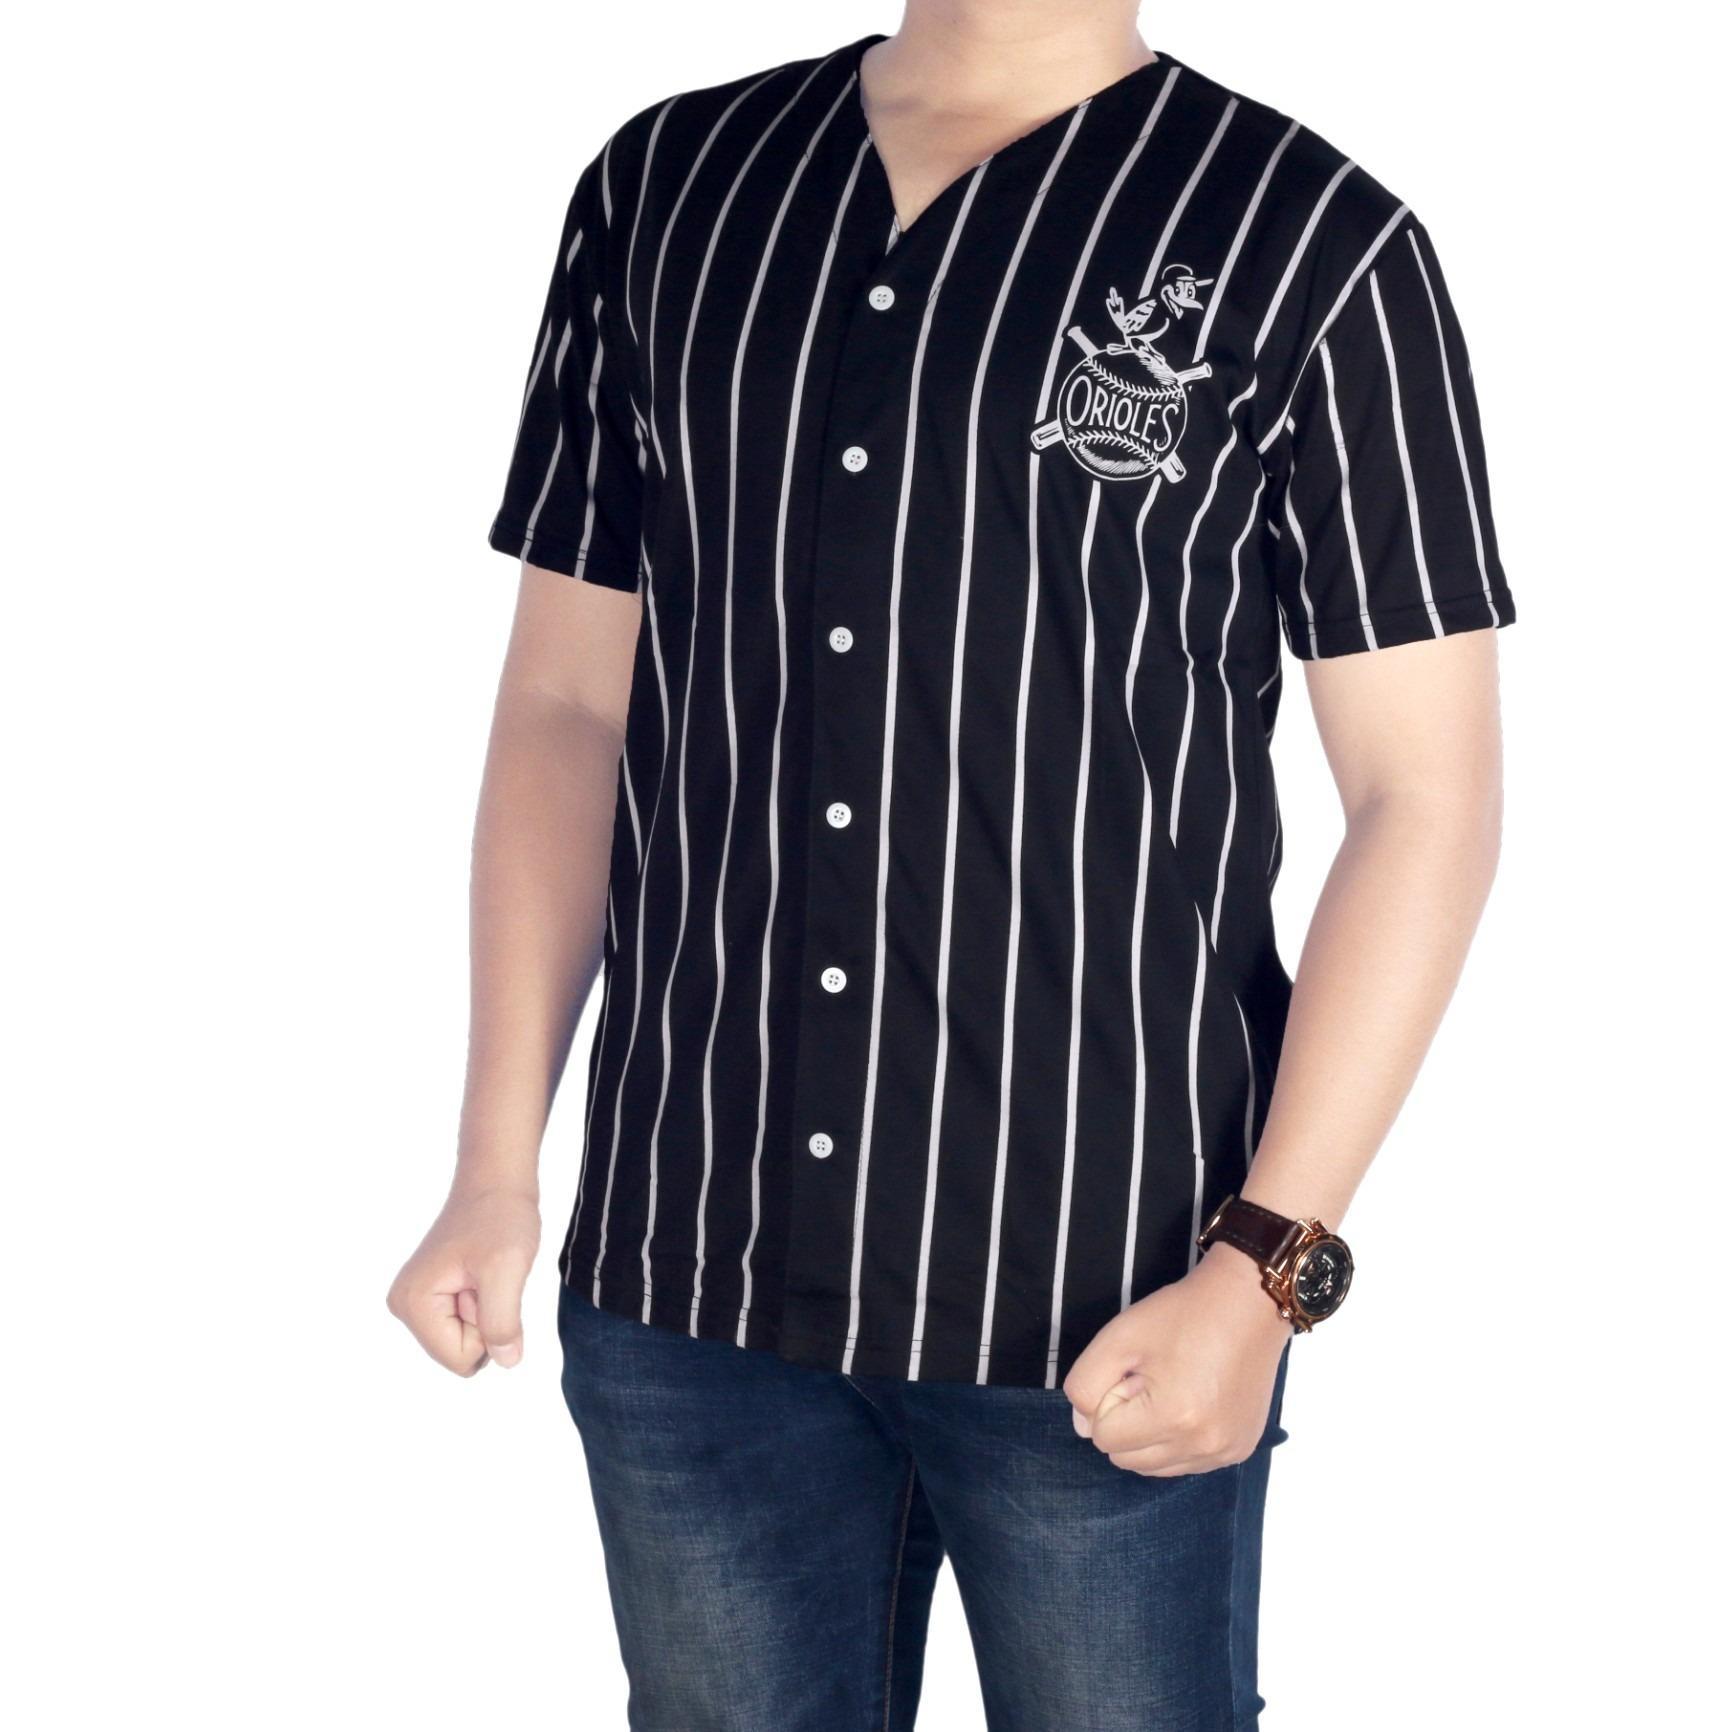 Kualitas Dgm Fashion1 Baju Kaos Distro Baseball Hitam T Shirt Baseball Man Baju Kaos Baseball Kaos Pria Kaos Distro Kaos Polos T Shirt Baseball T Shirt Men Ns 5434 Hitam Dan Putih Dgm Fashion1